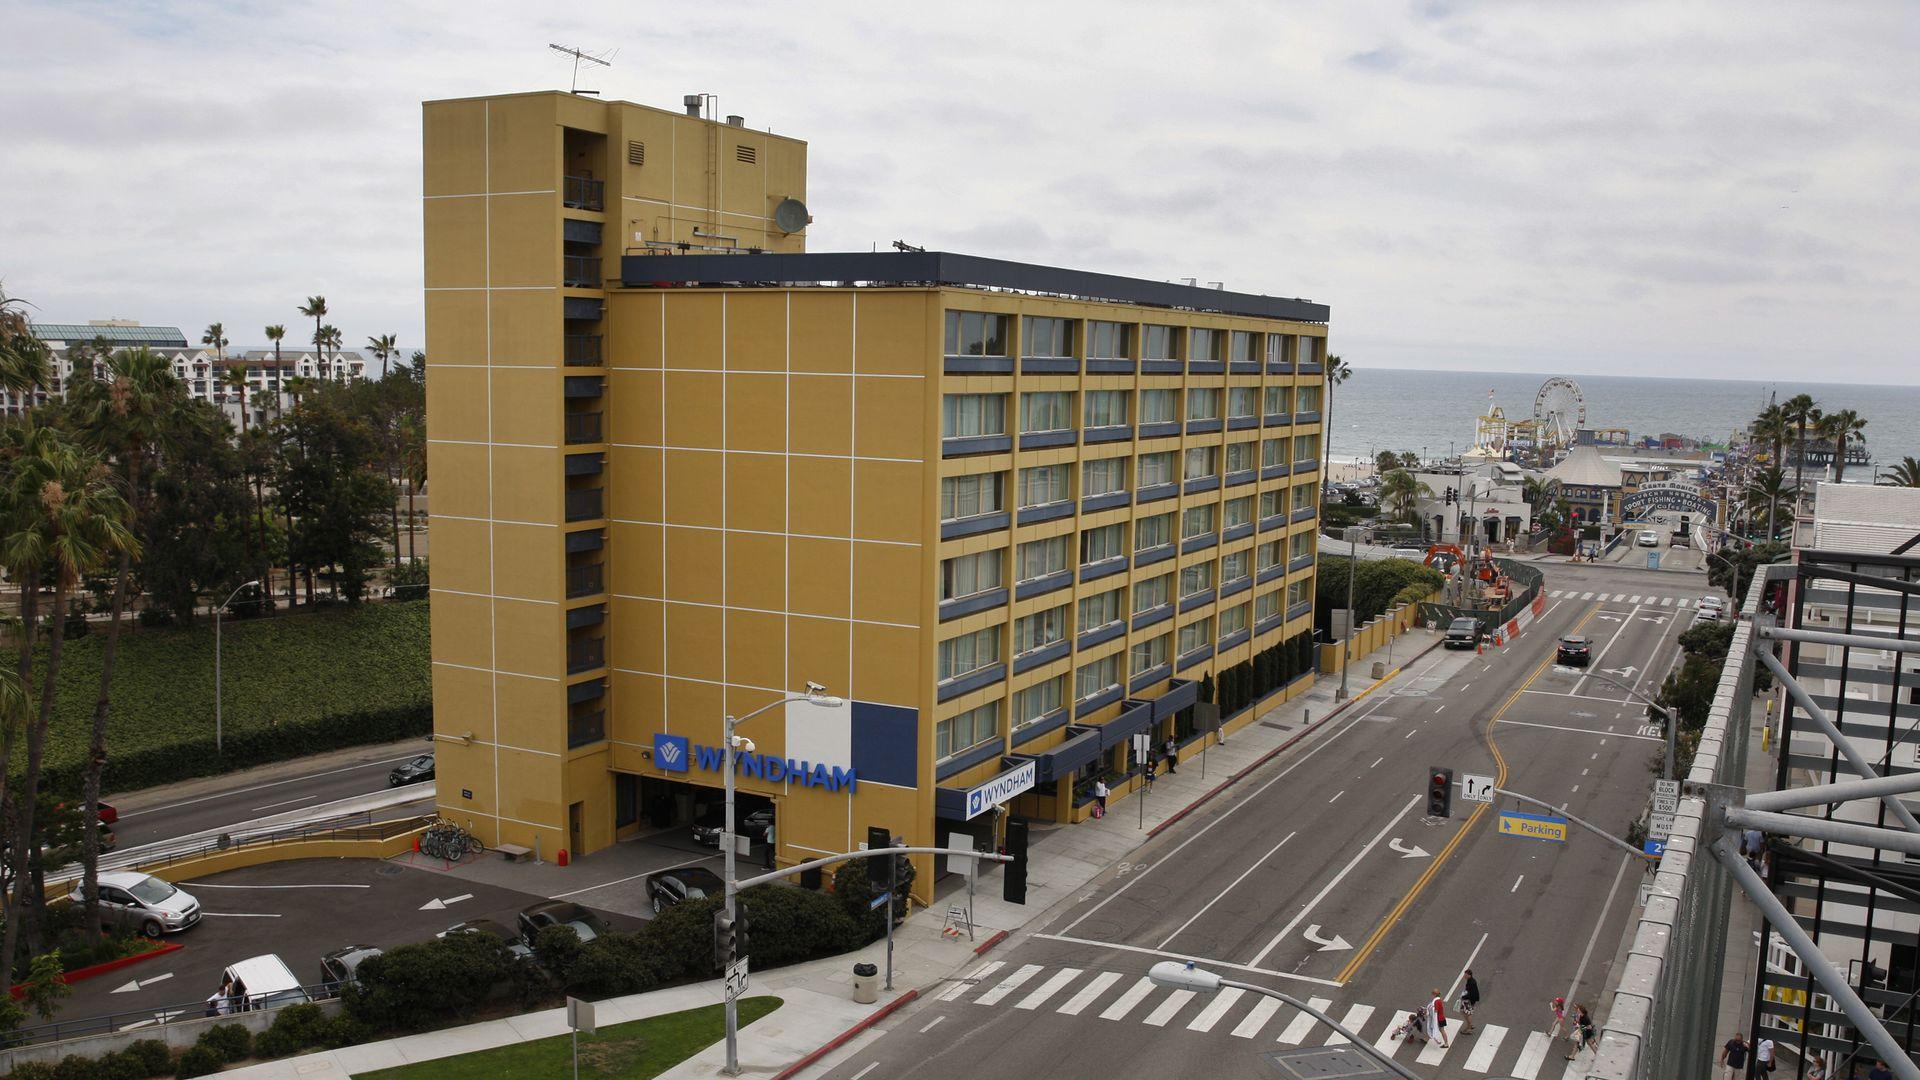 A Wyndham hotel.